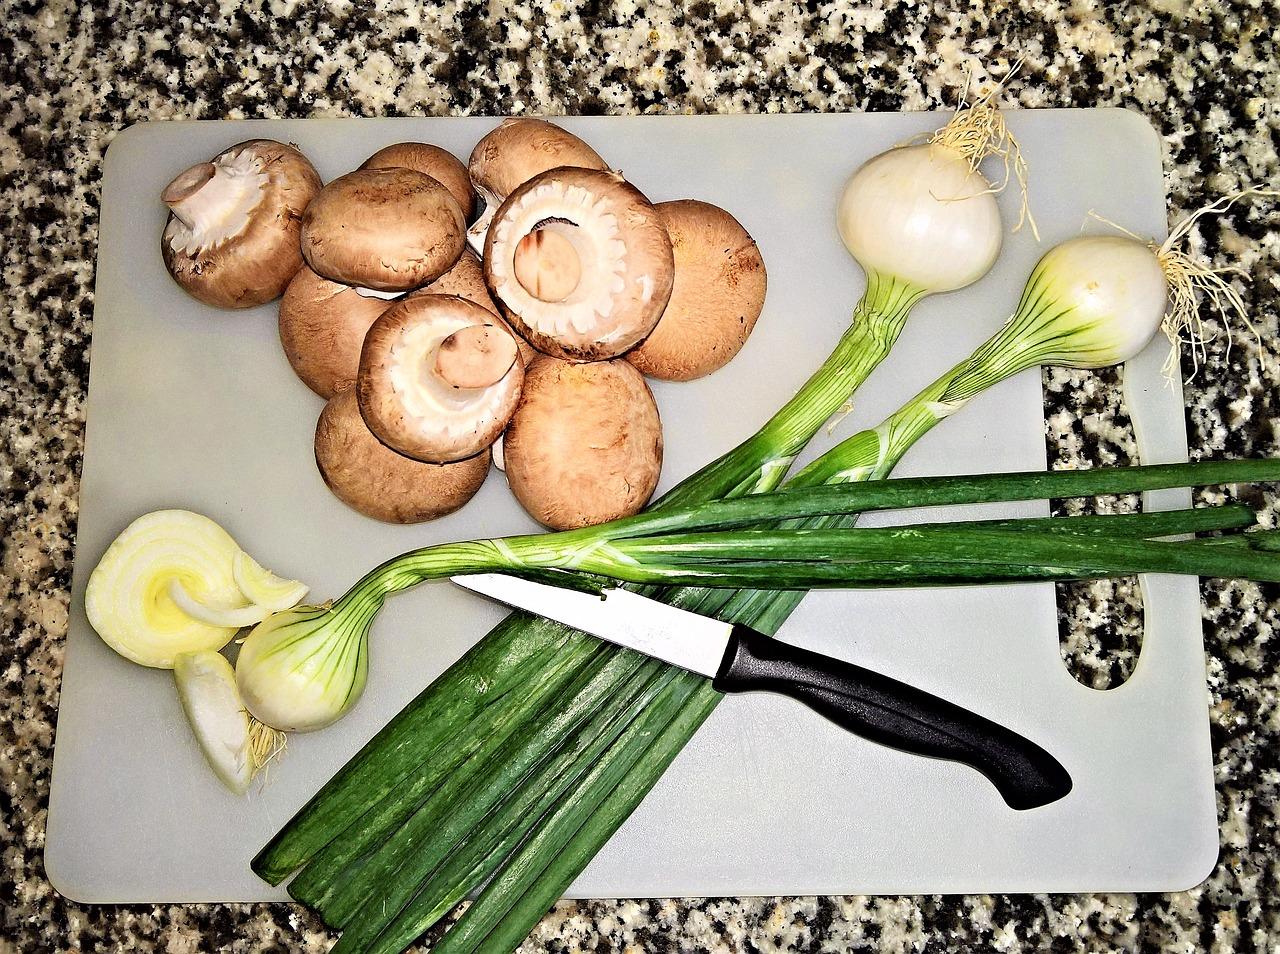 vegetables-2437490_1280